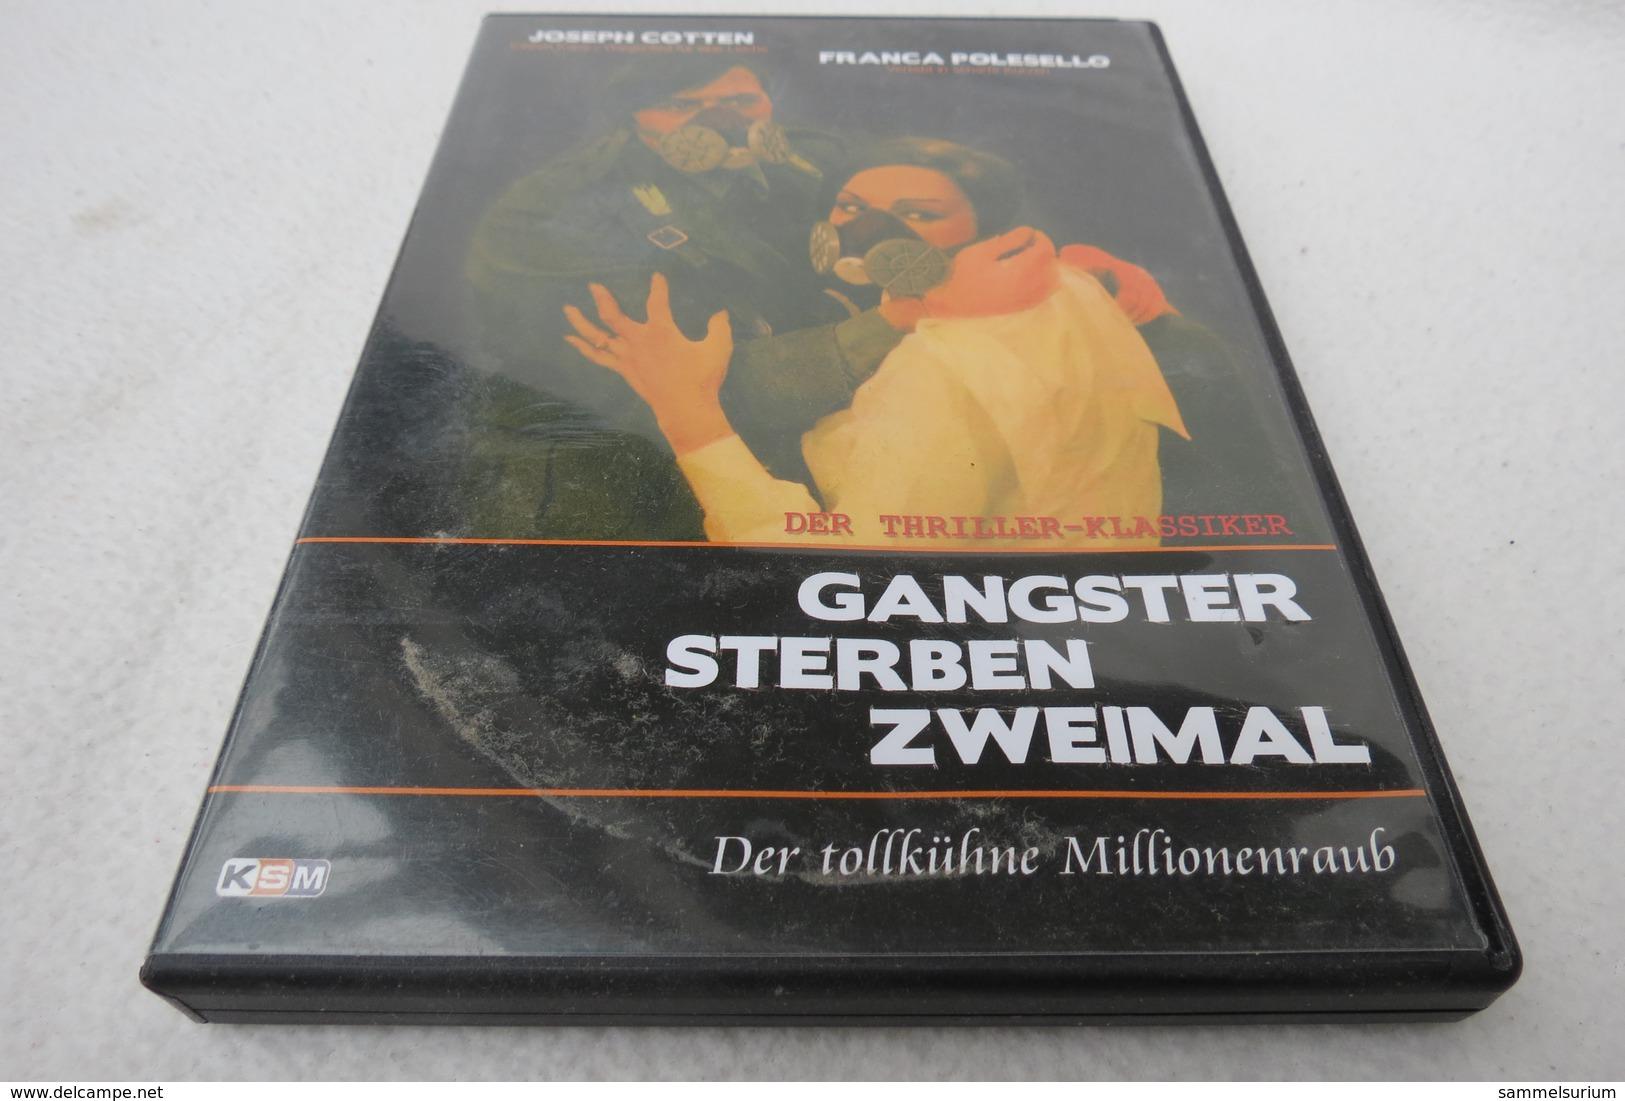 """DVD """"Gangster Sterben Zweimal"""" Der Tollkühne Millionenraub, Ein Thriller-Klassiker, Joseph Cotton, Franca Polesello - Musik-DVD's"""